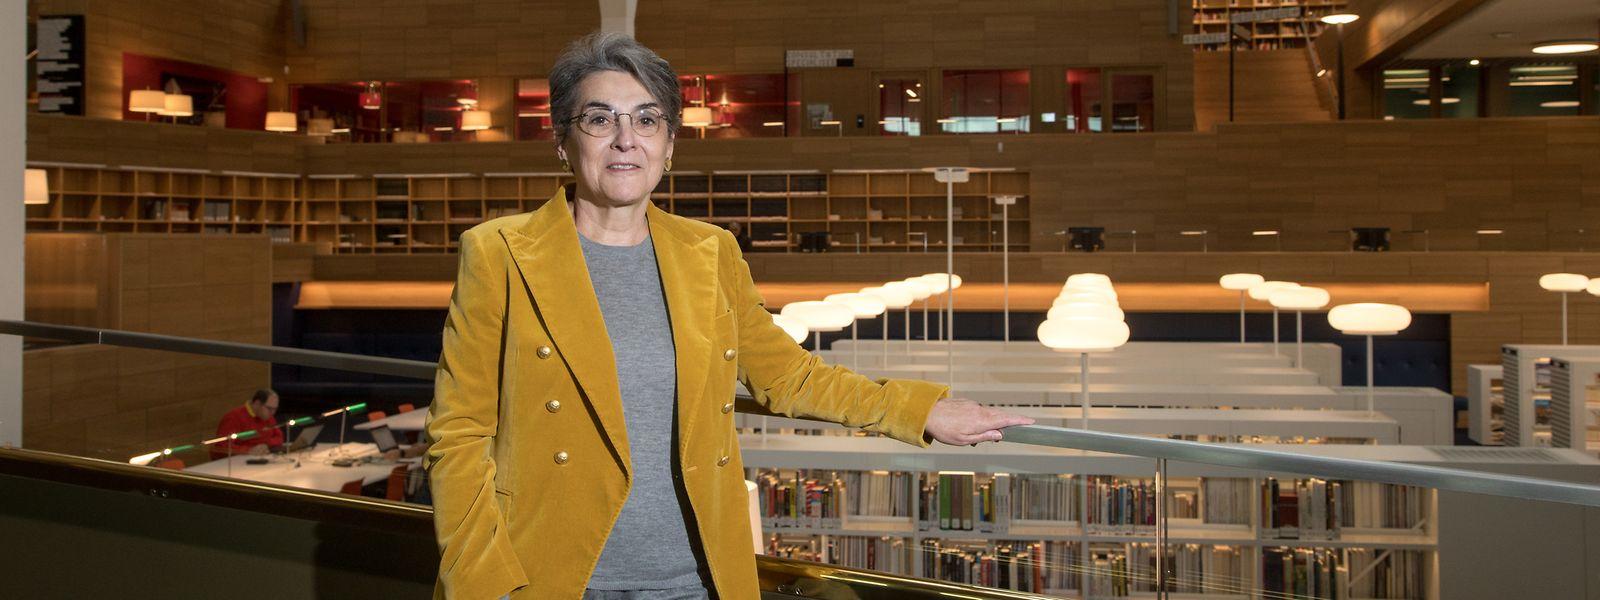 Ihre Amtszeit ist geprägt von der Umsetzung des Neubaus: Die Direktorin der Nationalbibliothek, Monique Kieffer, hat das Projekt eng begleitet.